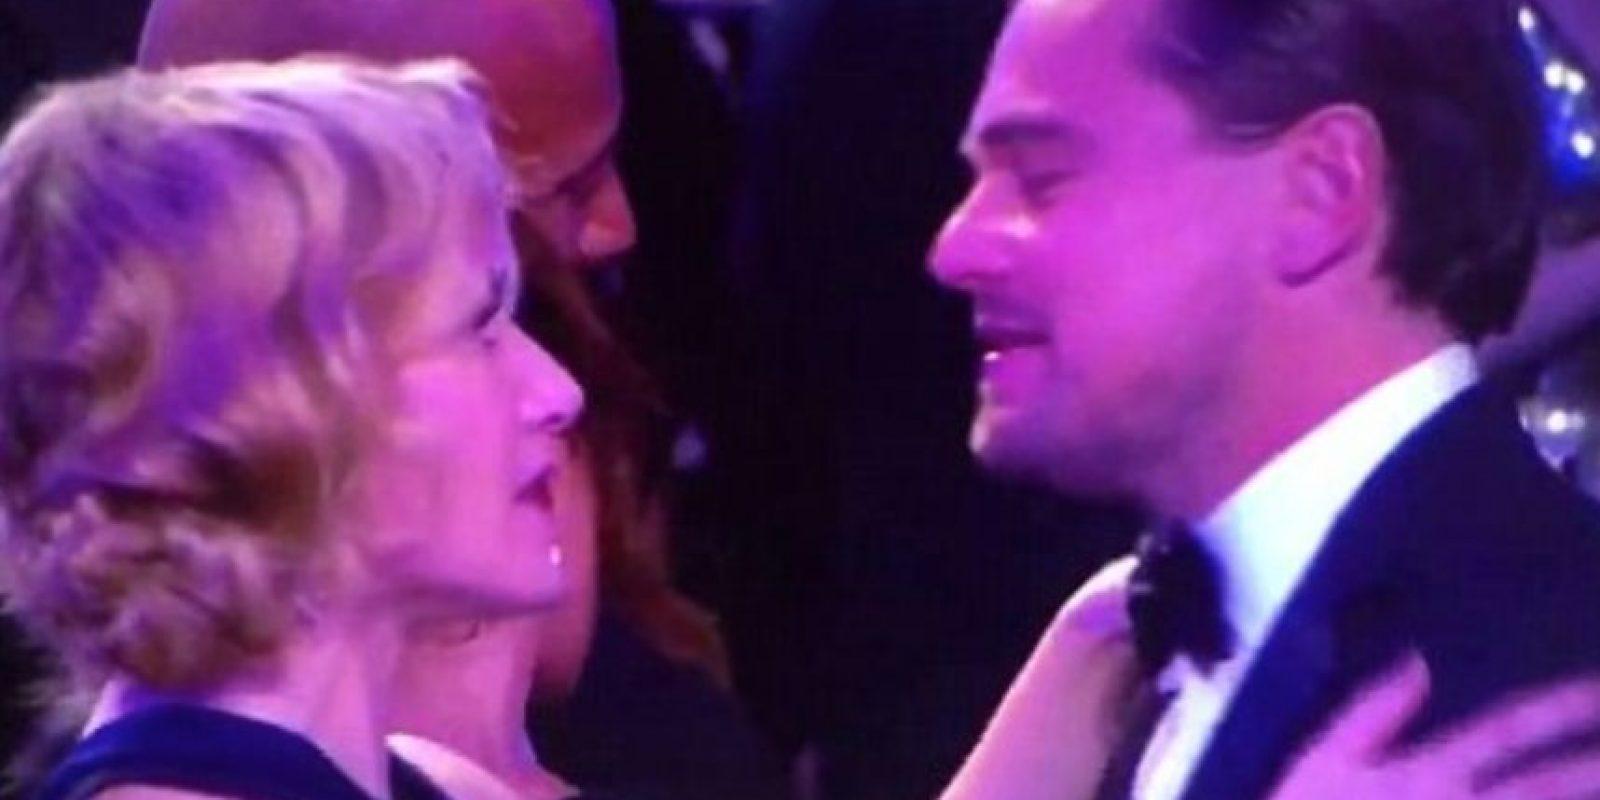 Así fue el abrazo tan emotivo entre Kate y Leonardo. Foto:Vía Twitter. Imagen Por: